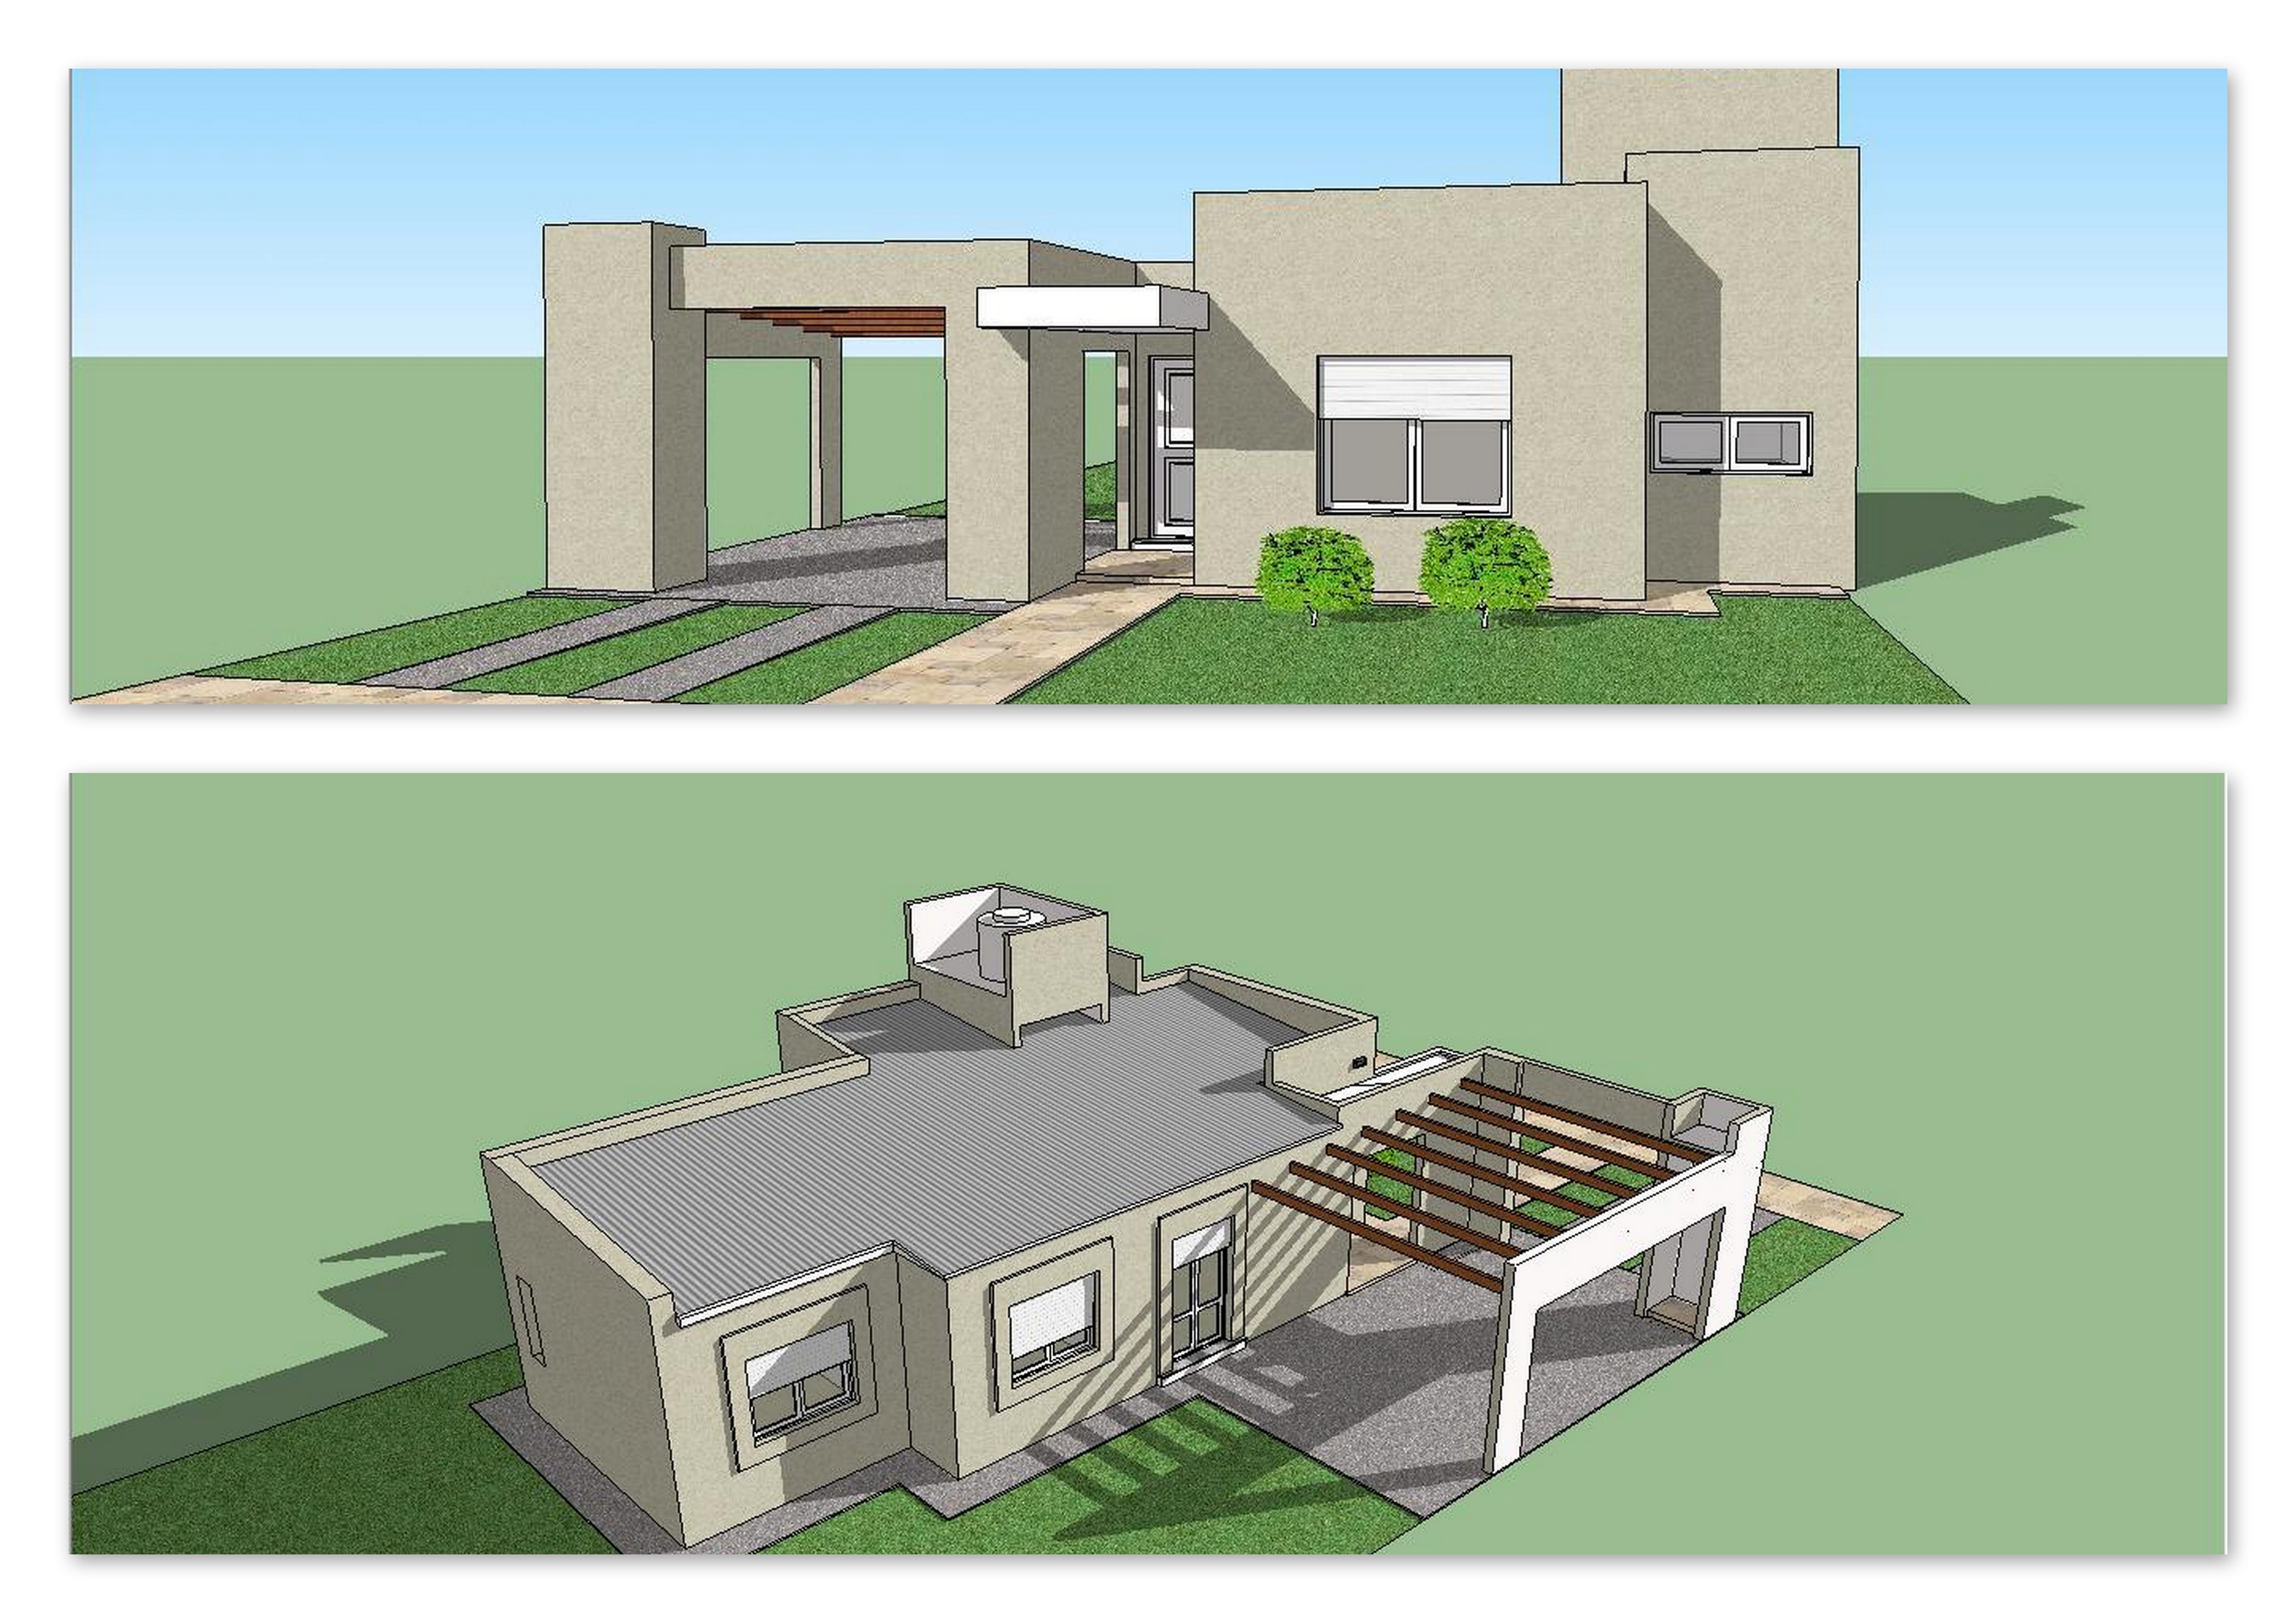 Viviendas modelos cec col n buenos aires for Modelos de viviendas